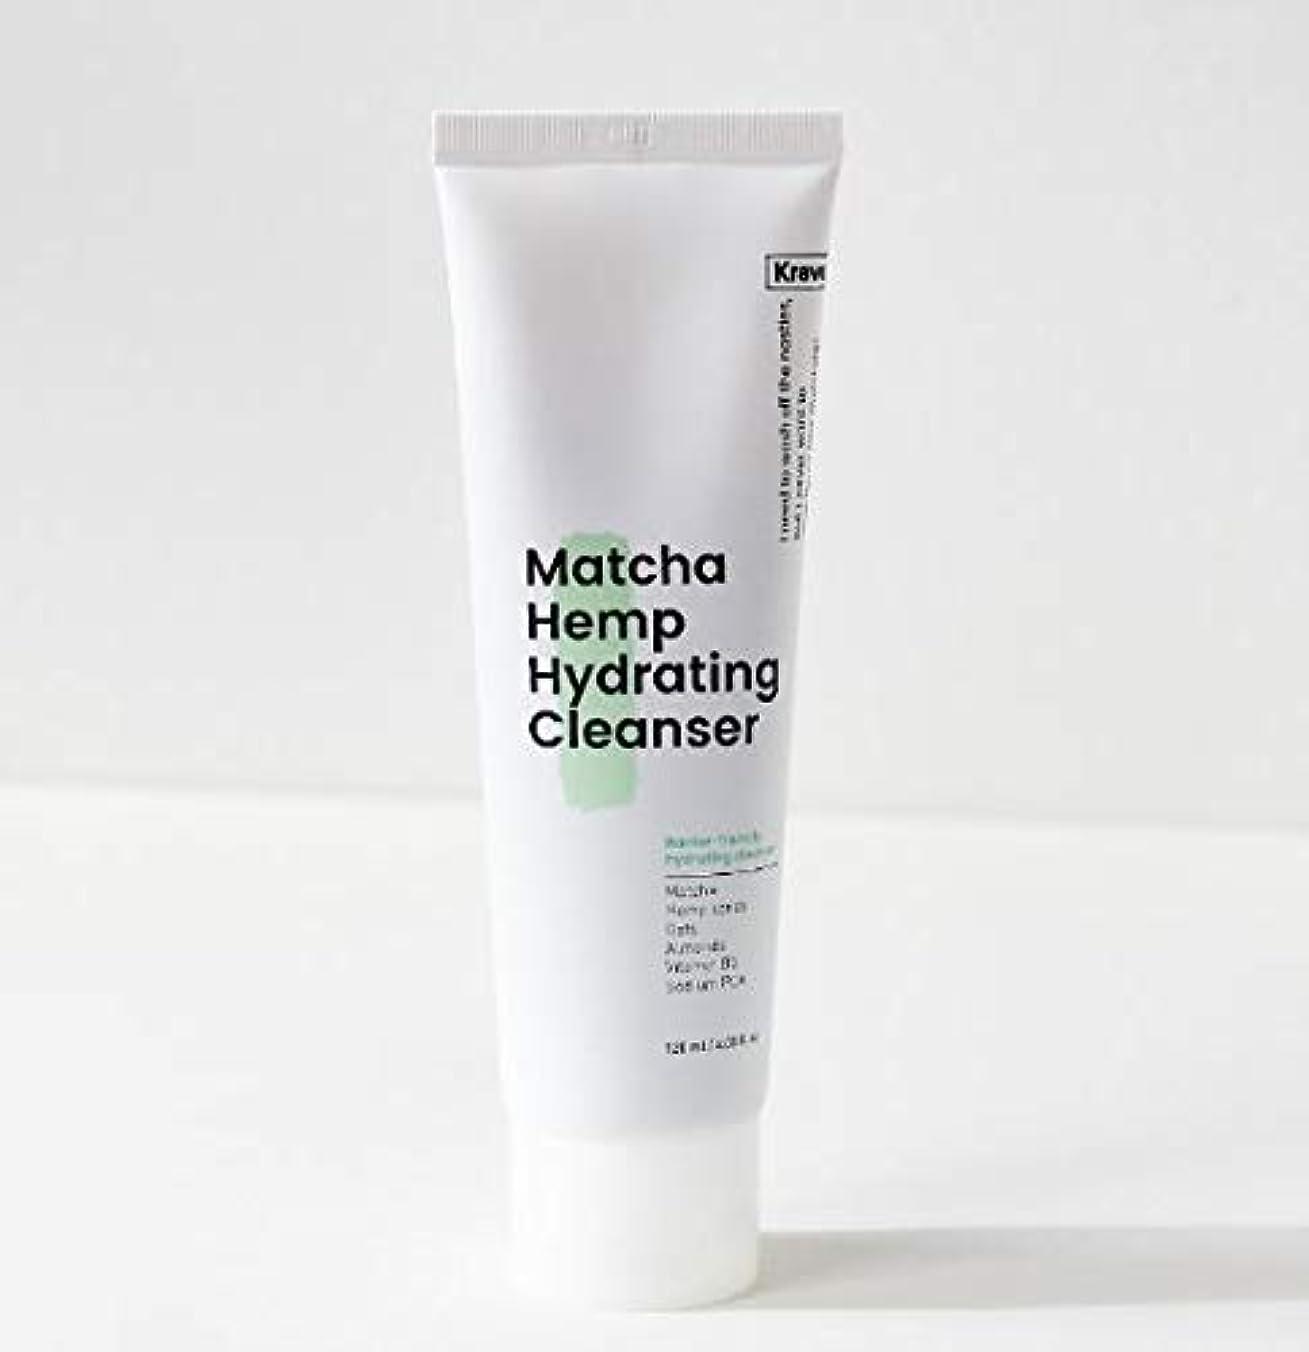 軽食ジャンクション不利[Krave] Matcha Hemp Hydrating Cleanser 120ml / 抹茶ハイドレイティングクレンザー120ml [並行輸入品]